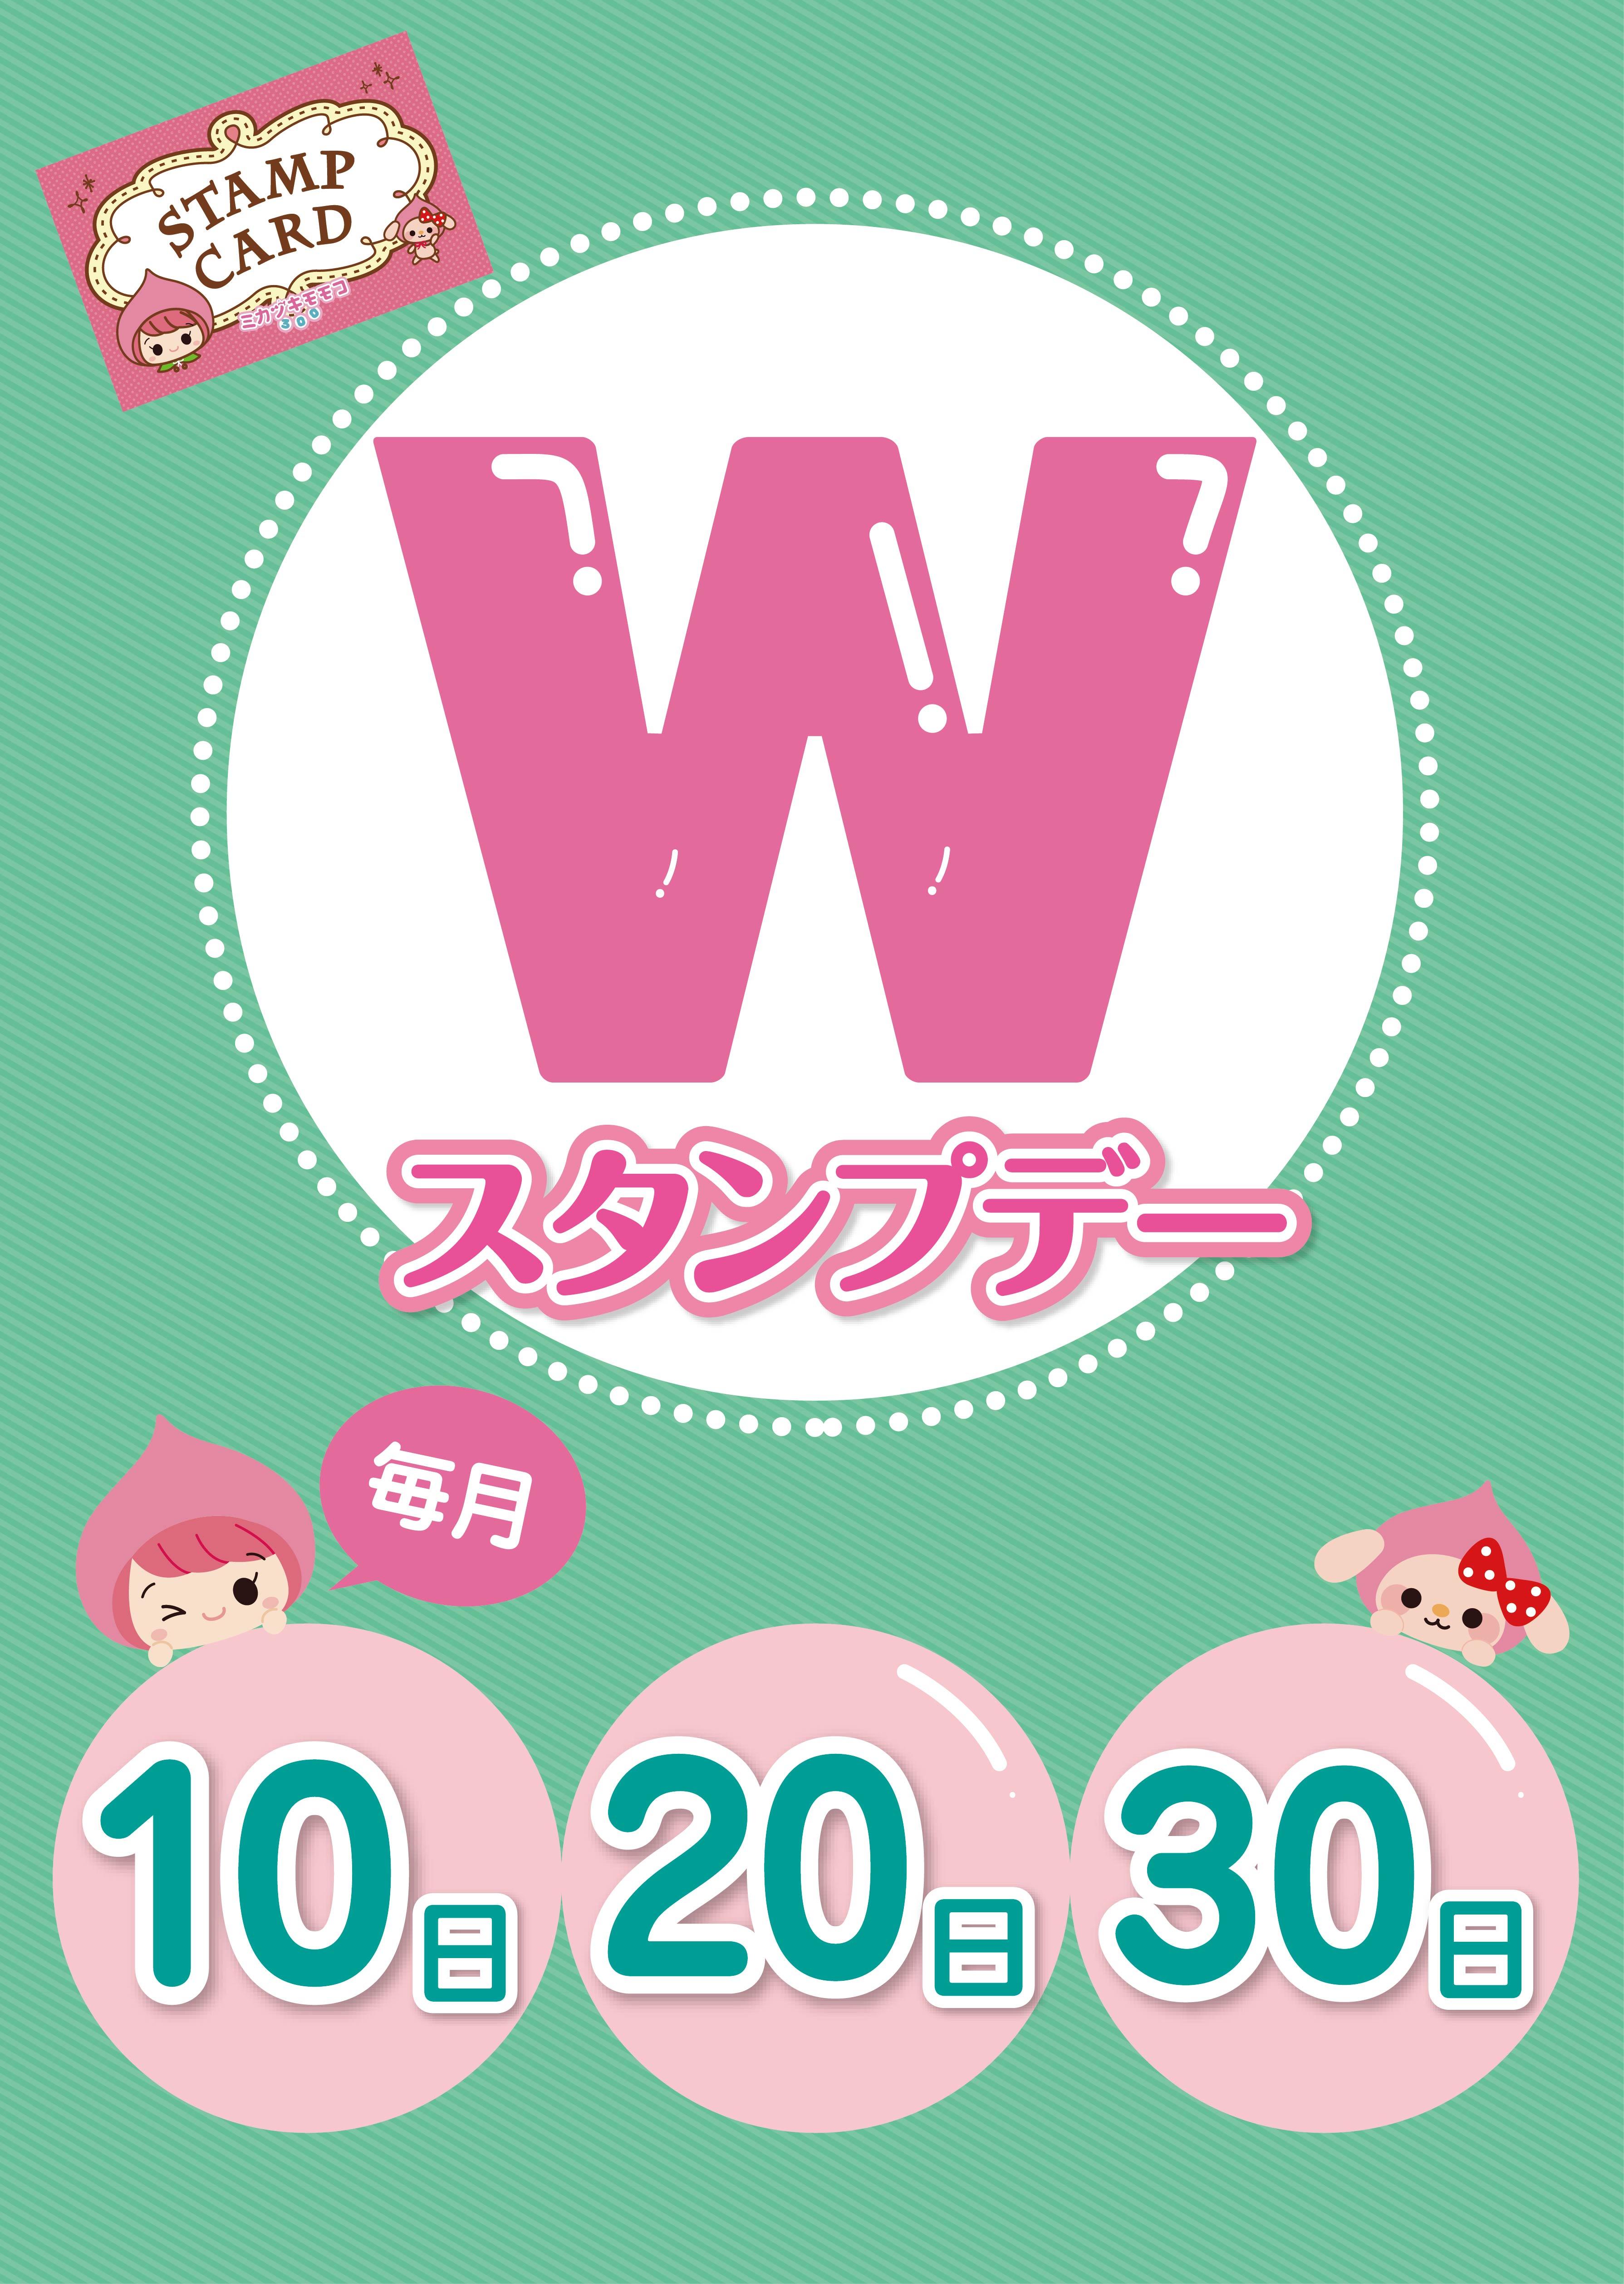 a3縦_Wスタンプ【店内用】_cs5_ol(RGB)